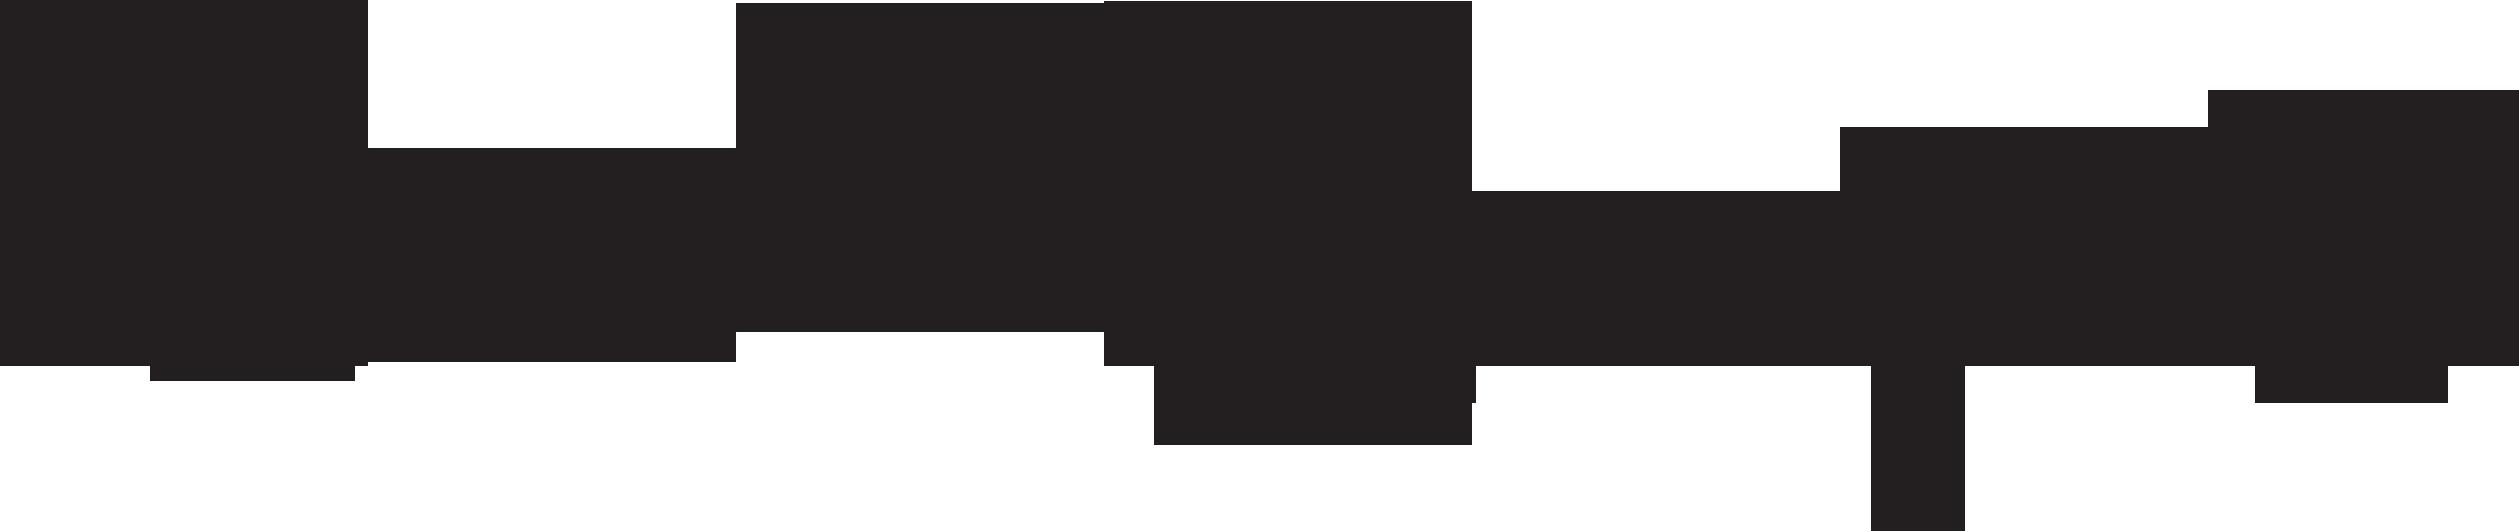 Swirl Top